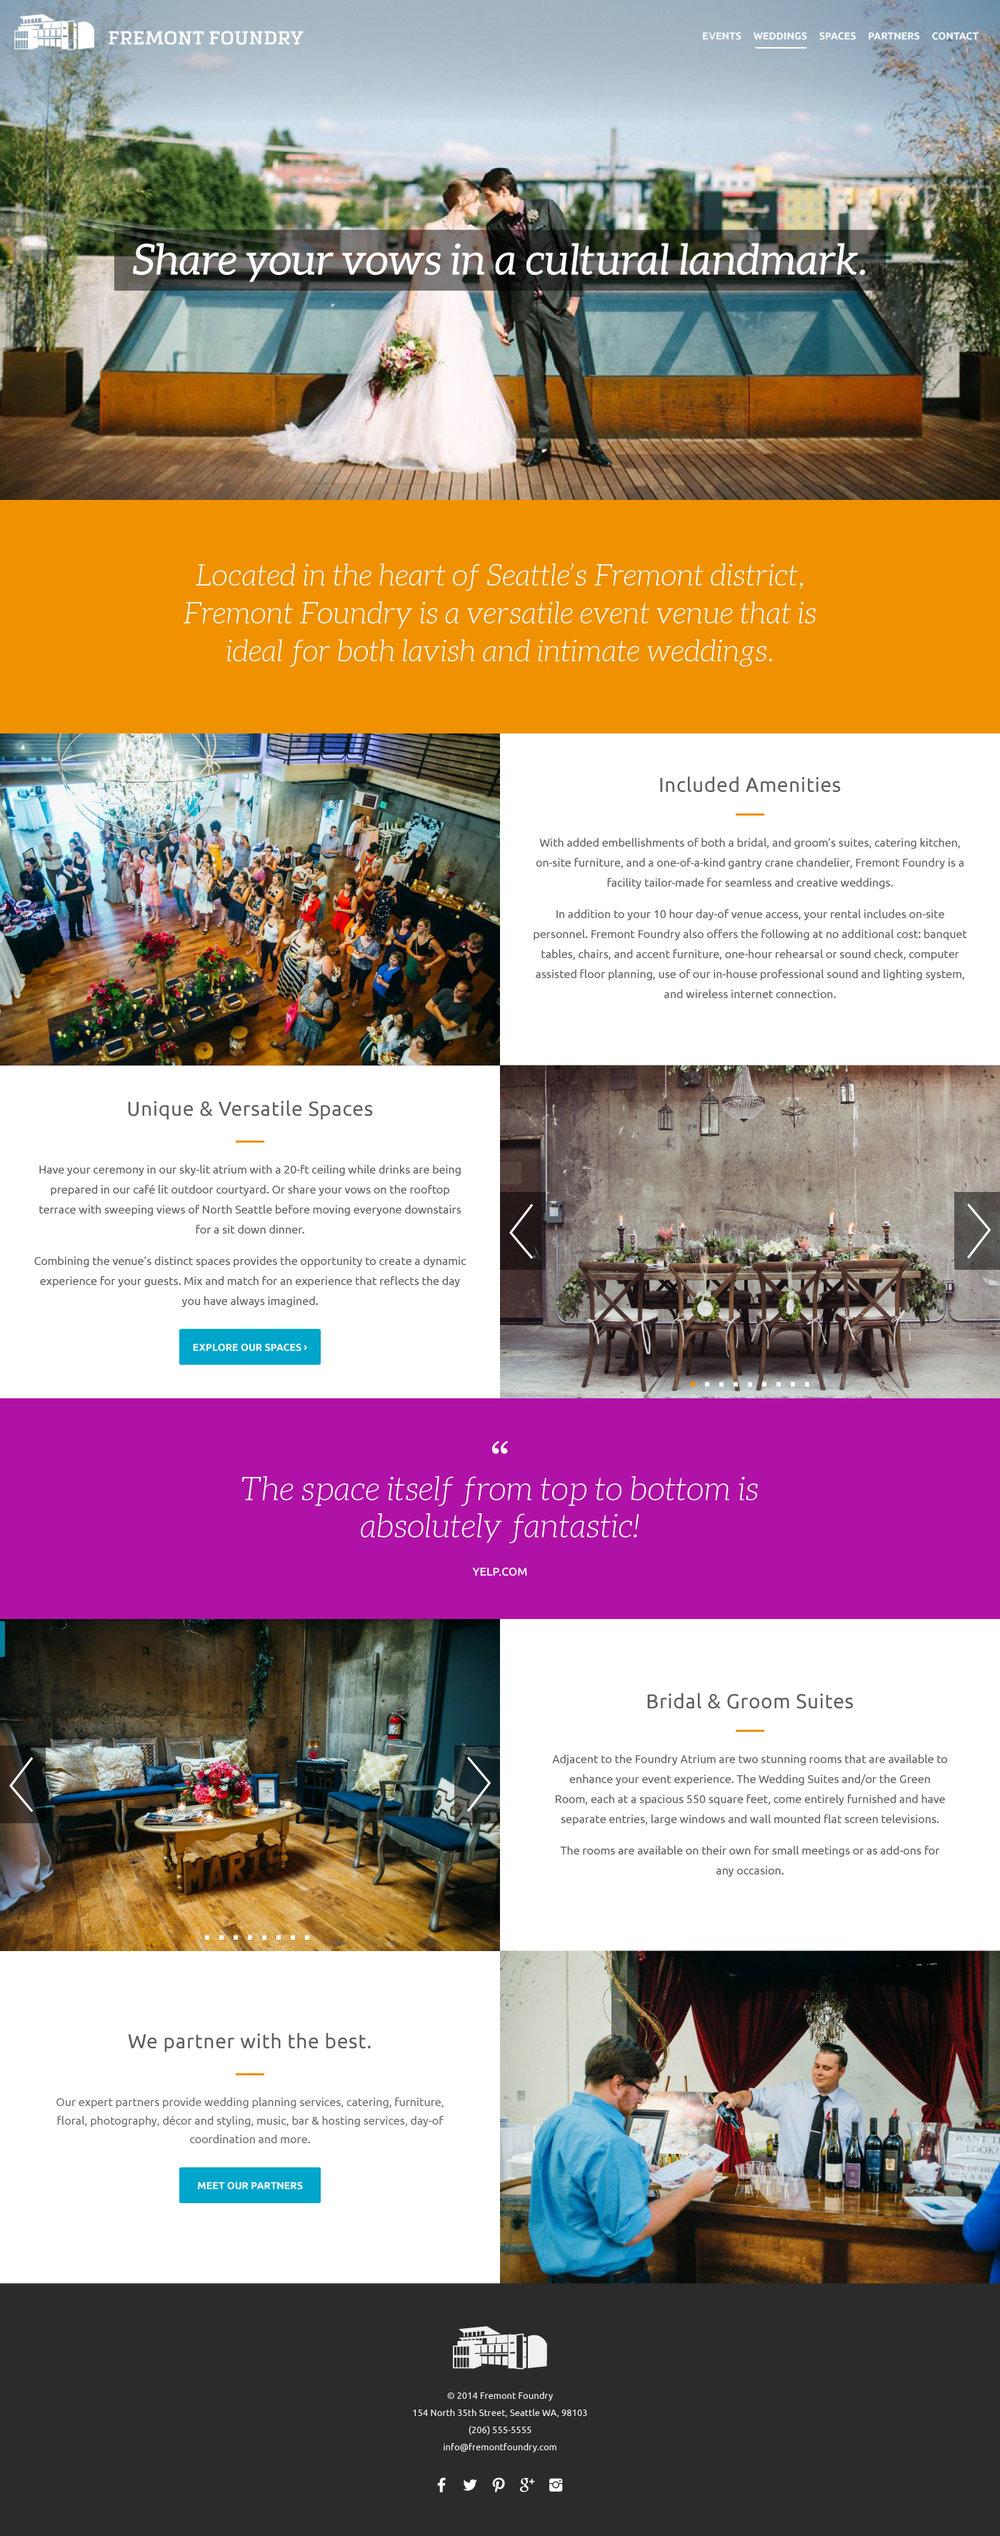 ff-weddings-desktop.jpg